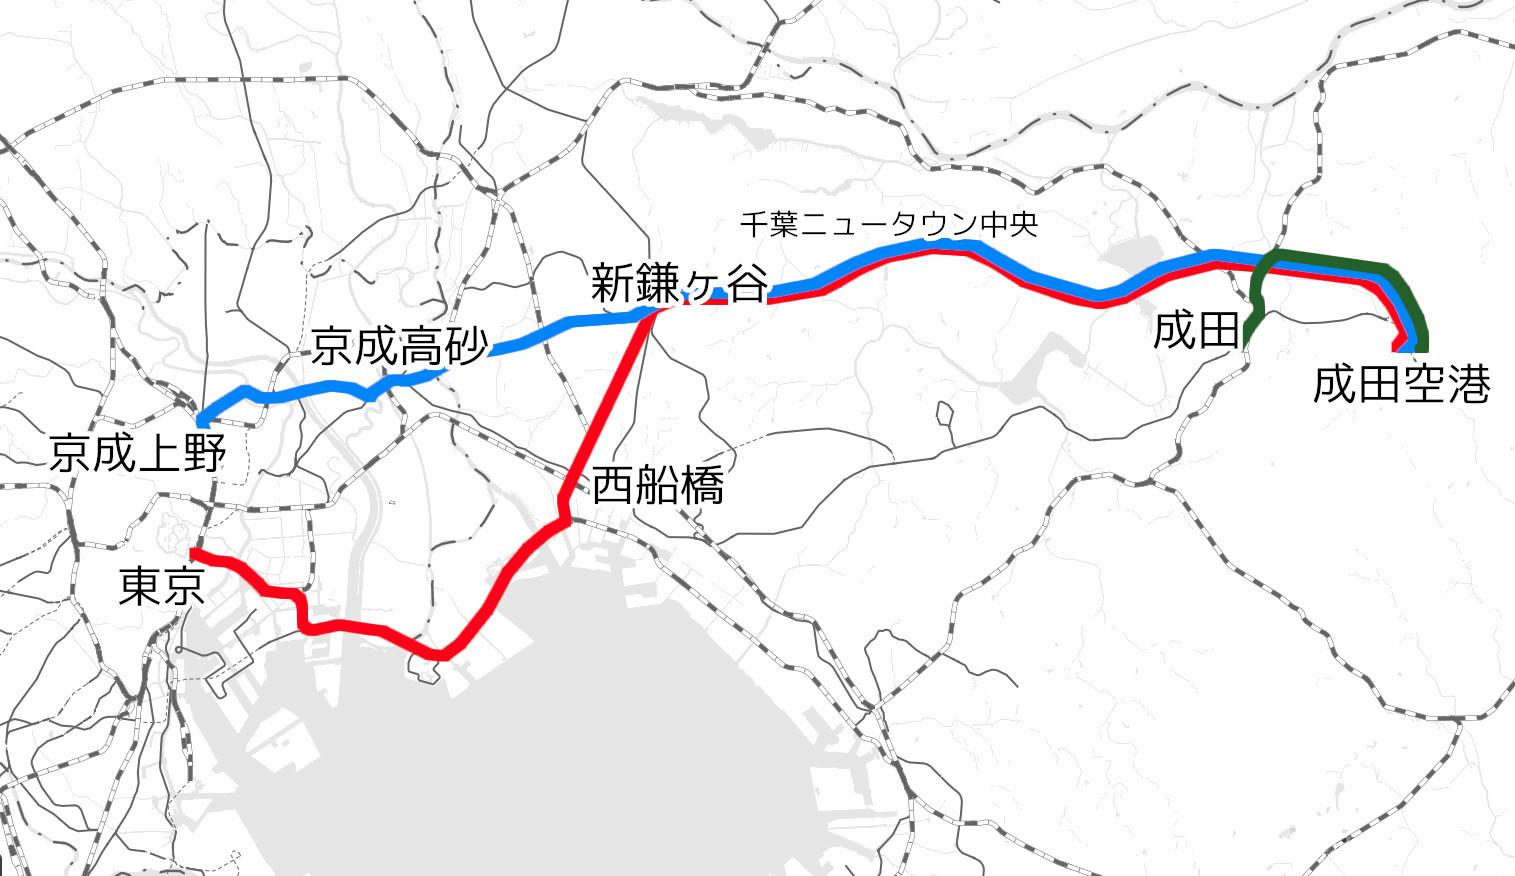 京葉線や北総線を経由するA案(赤)、京成線と北総線を経由するB案(水色)、成田駅から接続するC案(緑)の3案が比較・検討されました(国土地理院「地理院地図Vector」の淡色地図に加筆)